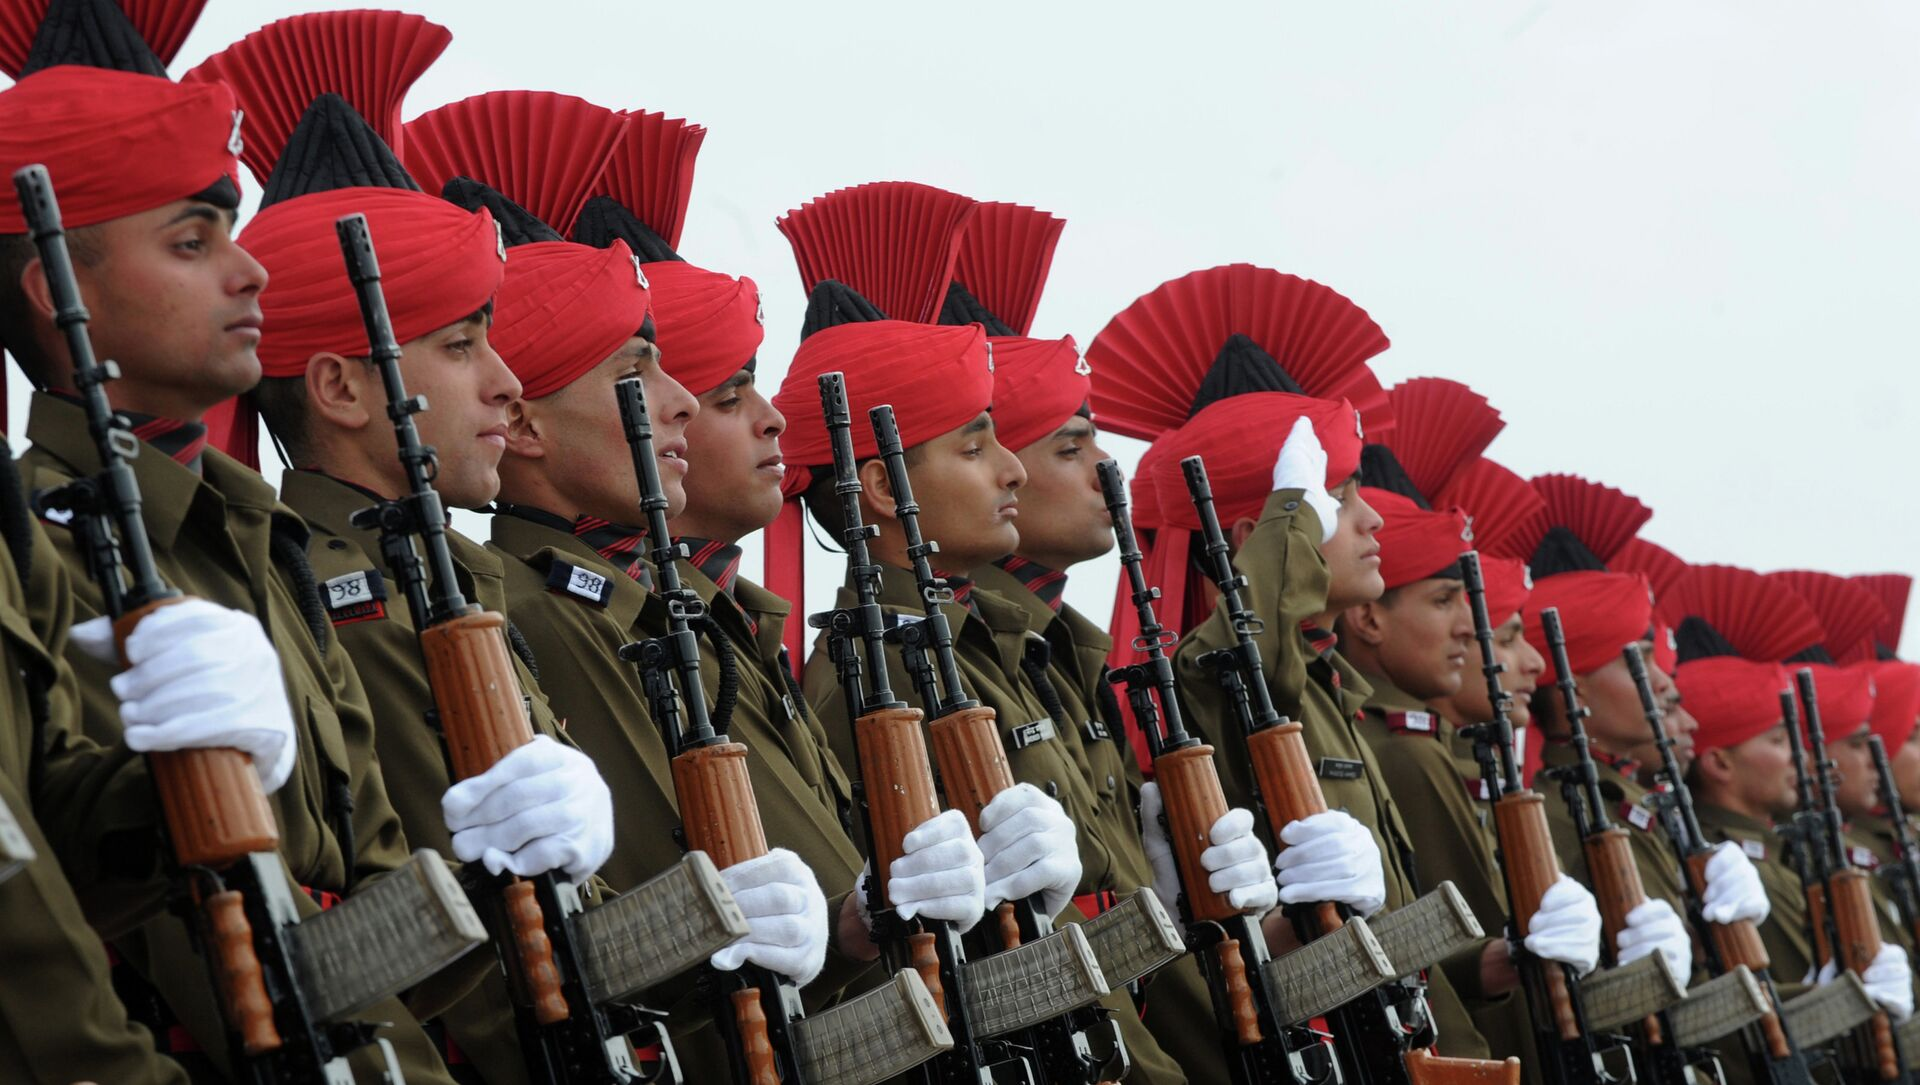 Oficiales del Ejército de la India (archivo) - Sputnik Mundo, 1920, 02.06.2020